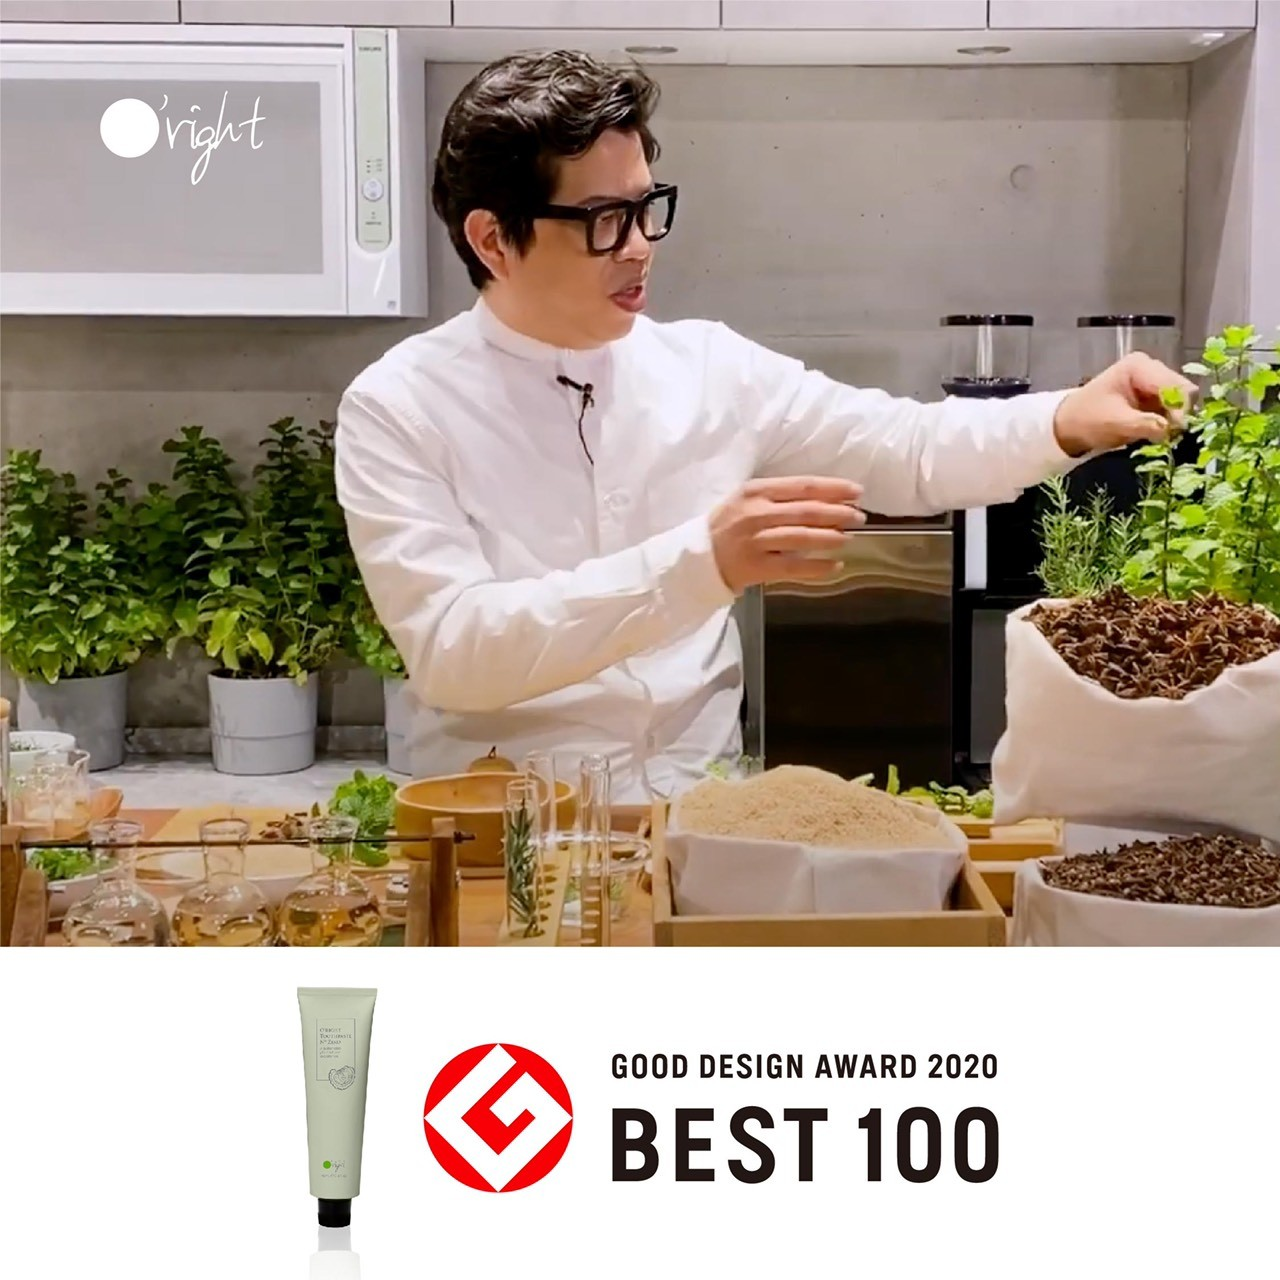 ▲▼ 2020日本優良設計獎揭曉   這支牙膏代表台灣獲選Best 100。(圖/歐萊德提供)